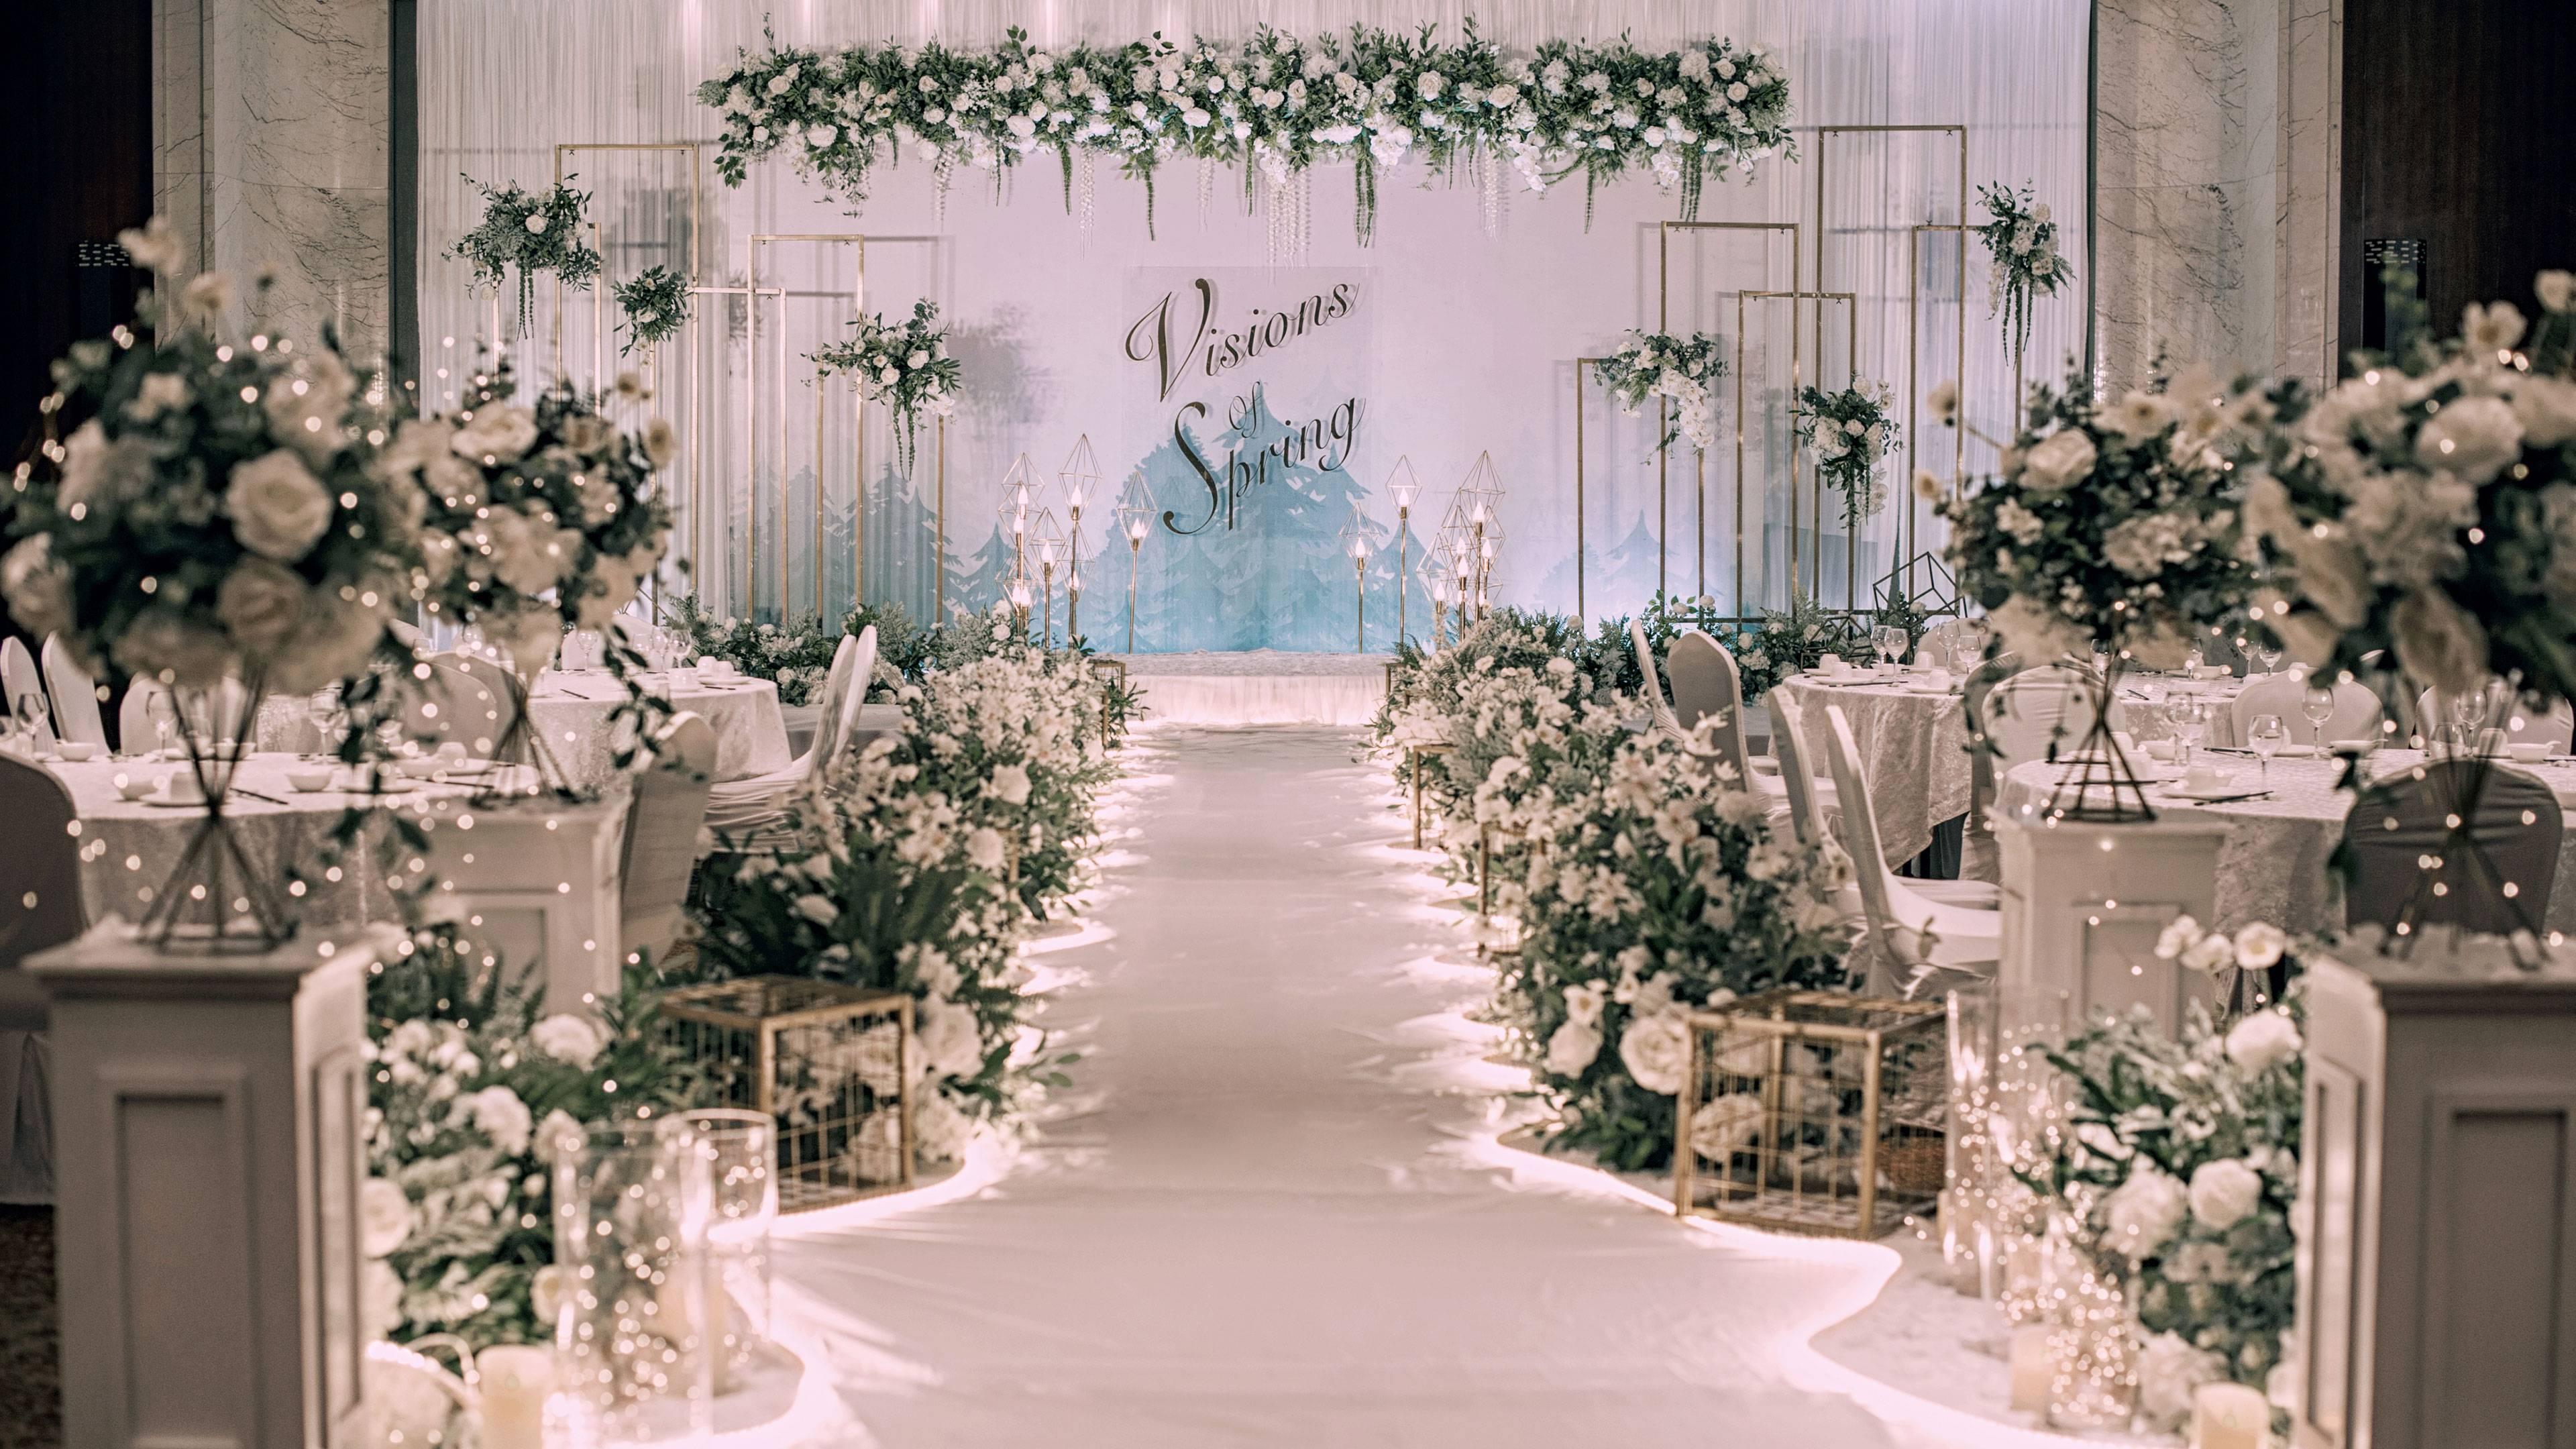 岳西西式婚礼布置效果 岳西西式婚礼场地推荐